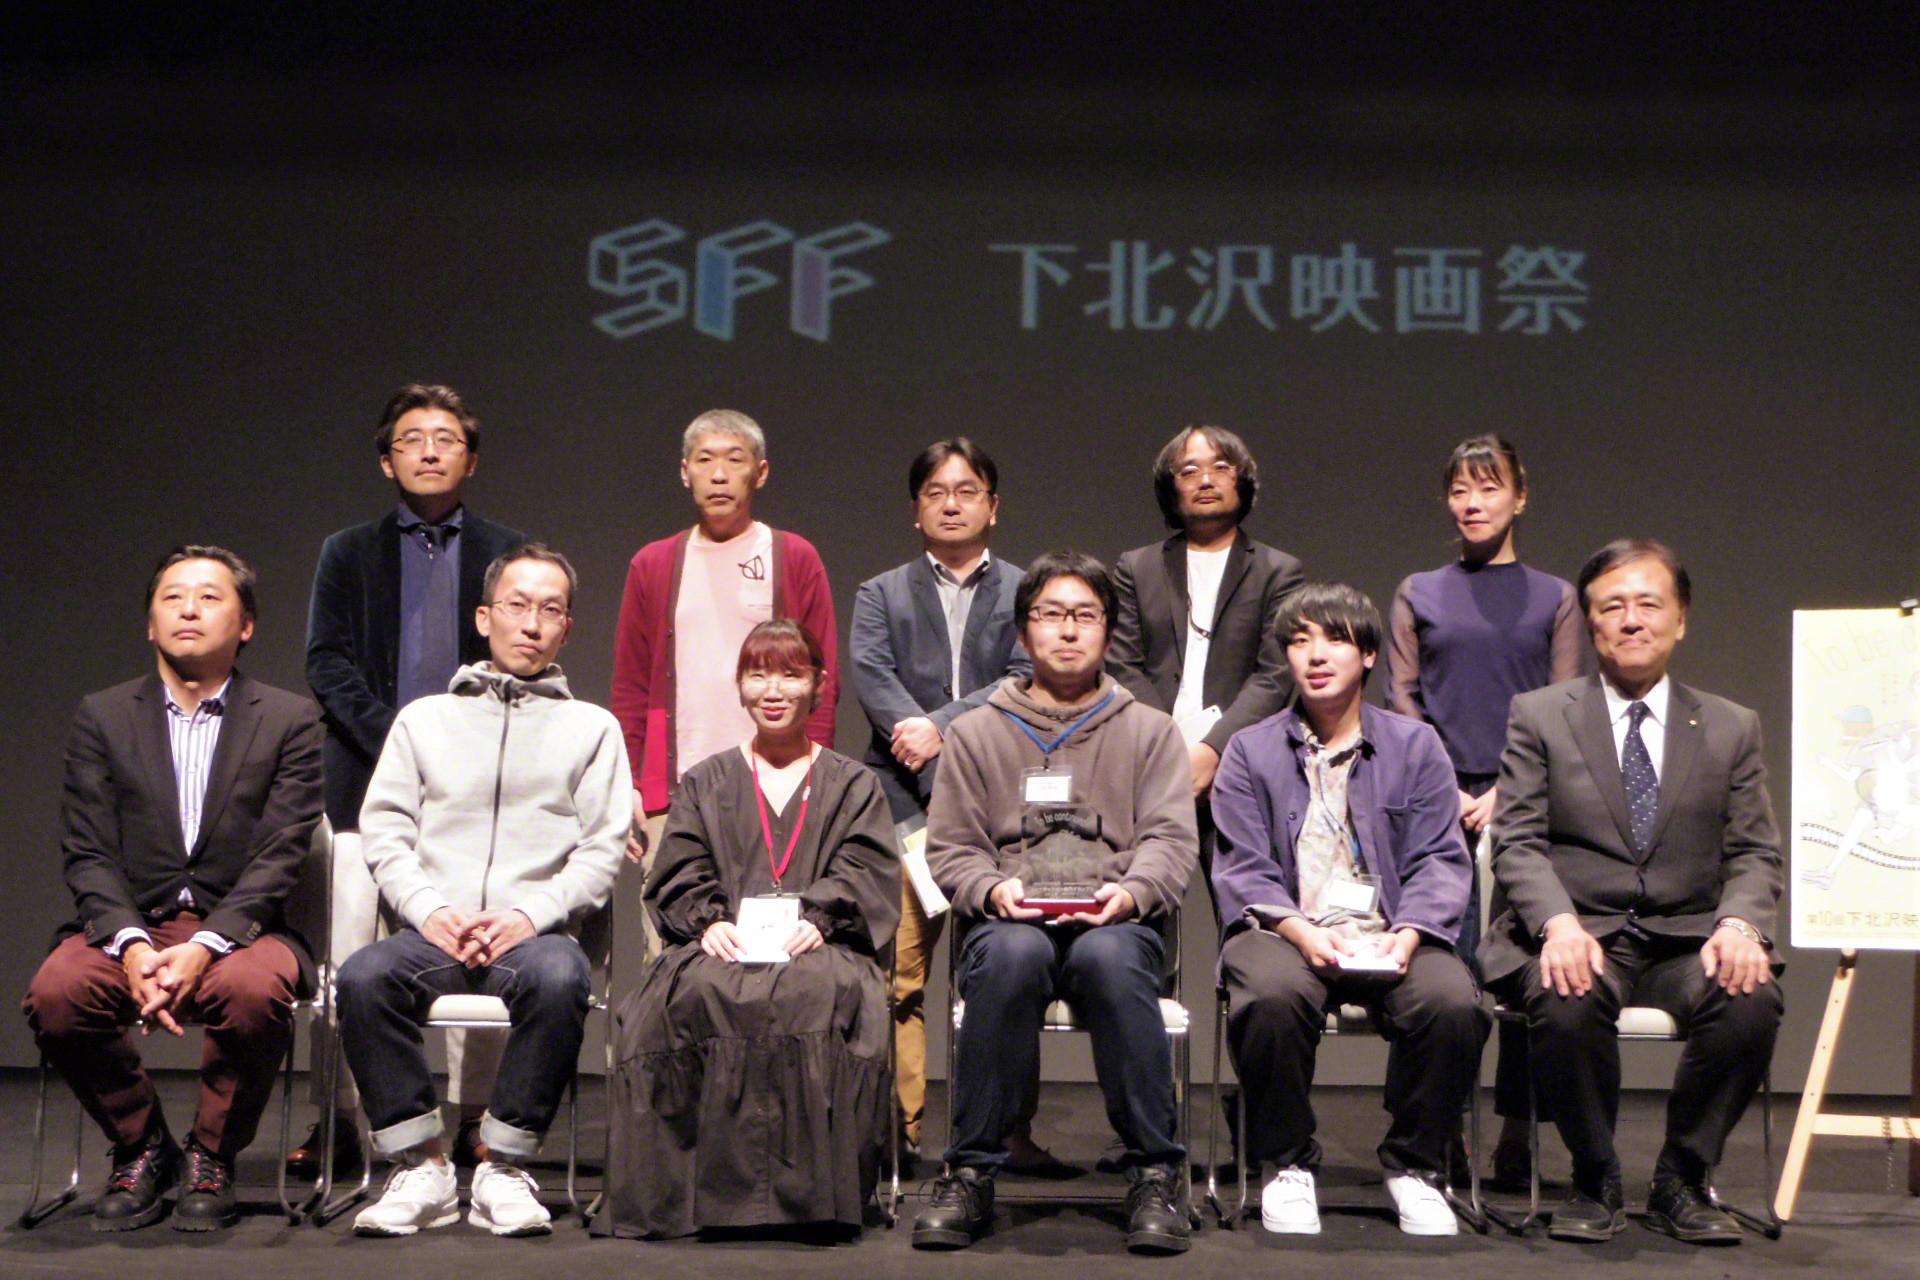 第10回下北沢映画祭授賞式イベントレポート-日本映画専門チャンネル